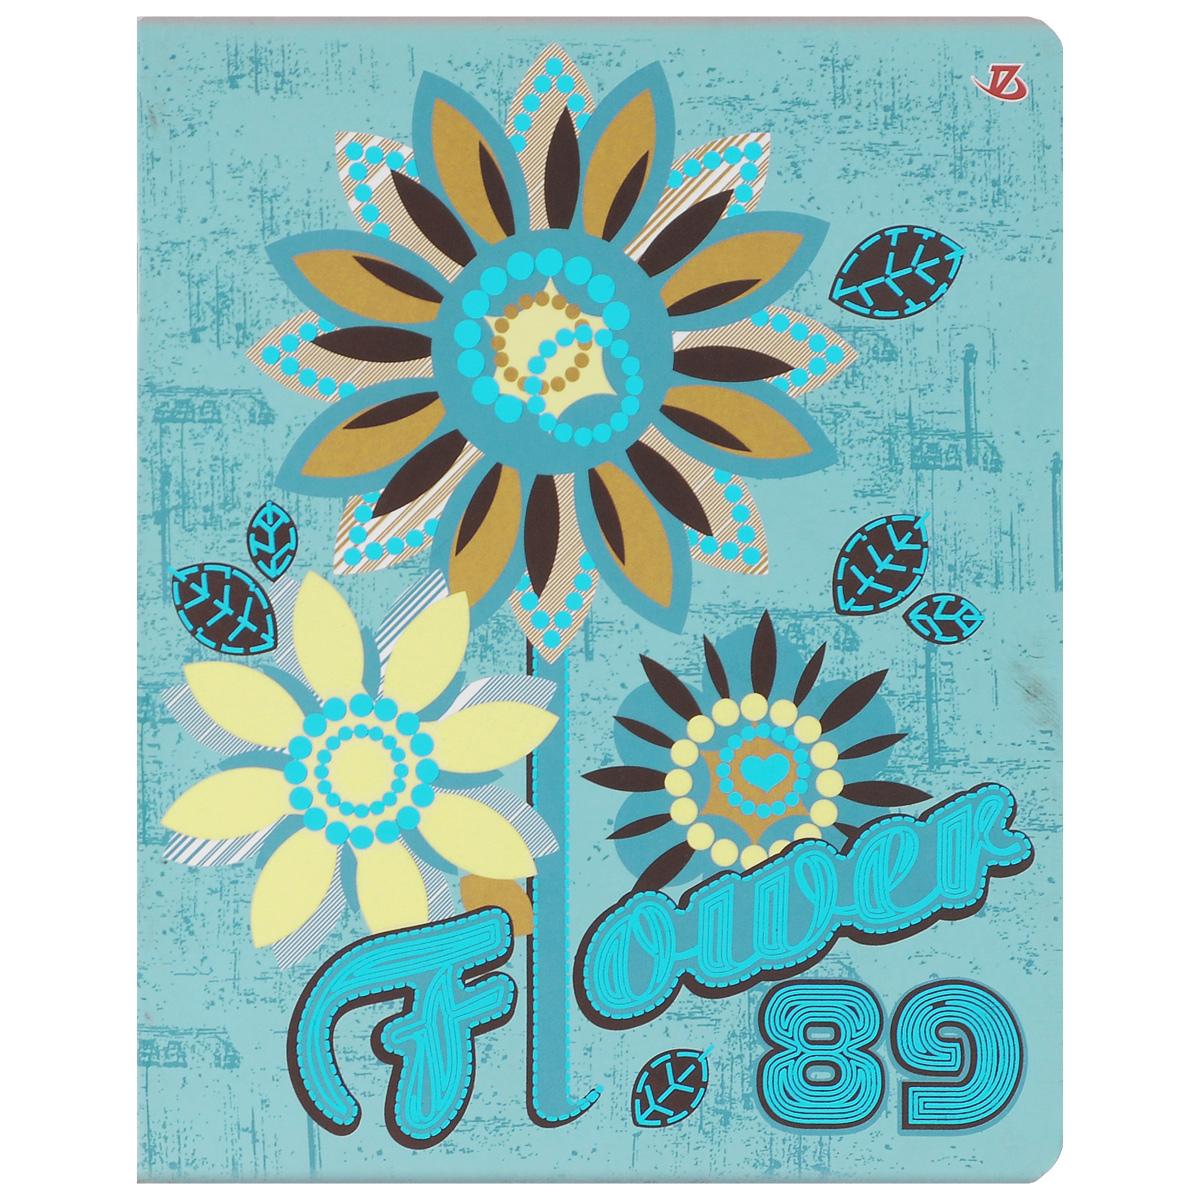 Тетрадь в клетку Seventeen Прекрасные цветы, 60 листов72523WDТетрадь Seventeen Прекрасные цветы изготовлена из высококачественной бумаги повышенной белизны.Яркая обложка тетради выполнена из мелованного картона с закругленными углами. Внутренний блок тетради, соединенный металлическими скрепками, состоит из 60 листов белой бумаги со стандартной линовкой в клетку с полями. Первая страничка содержит поля для заполнения личных данных.Тетрадь Прекрасные цветы подойдет для различных работ и студенту, и школьнику.